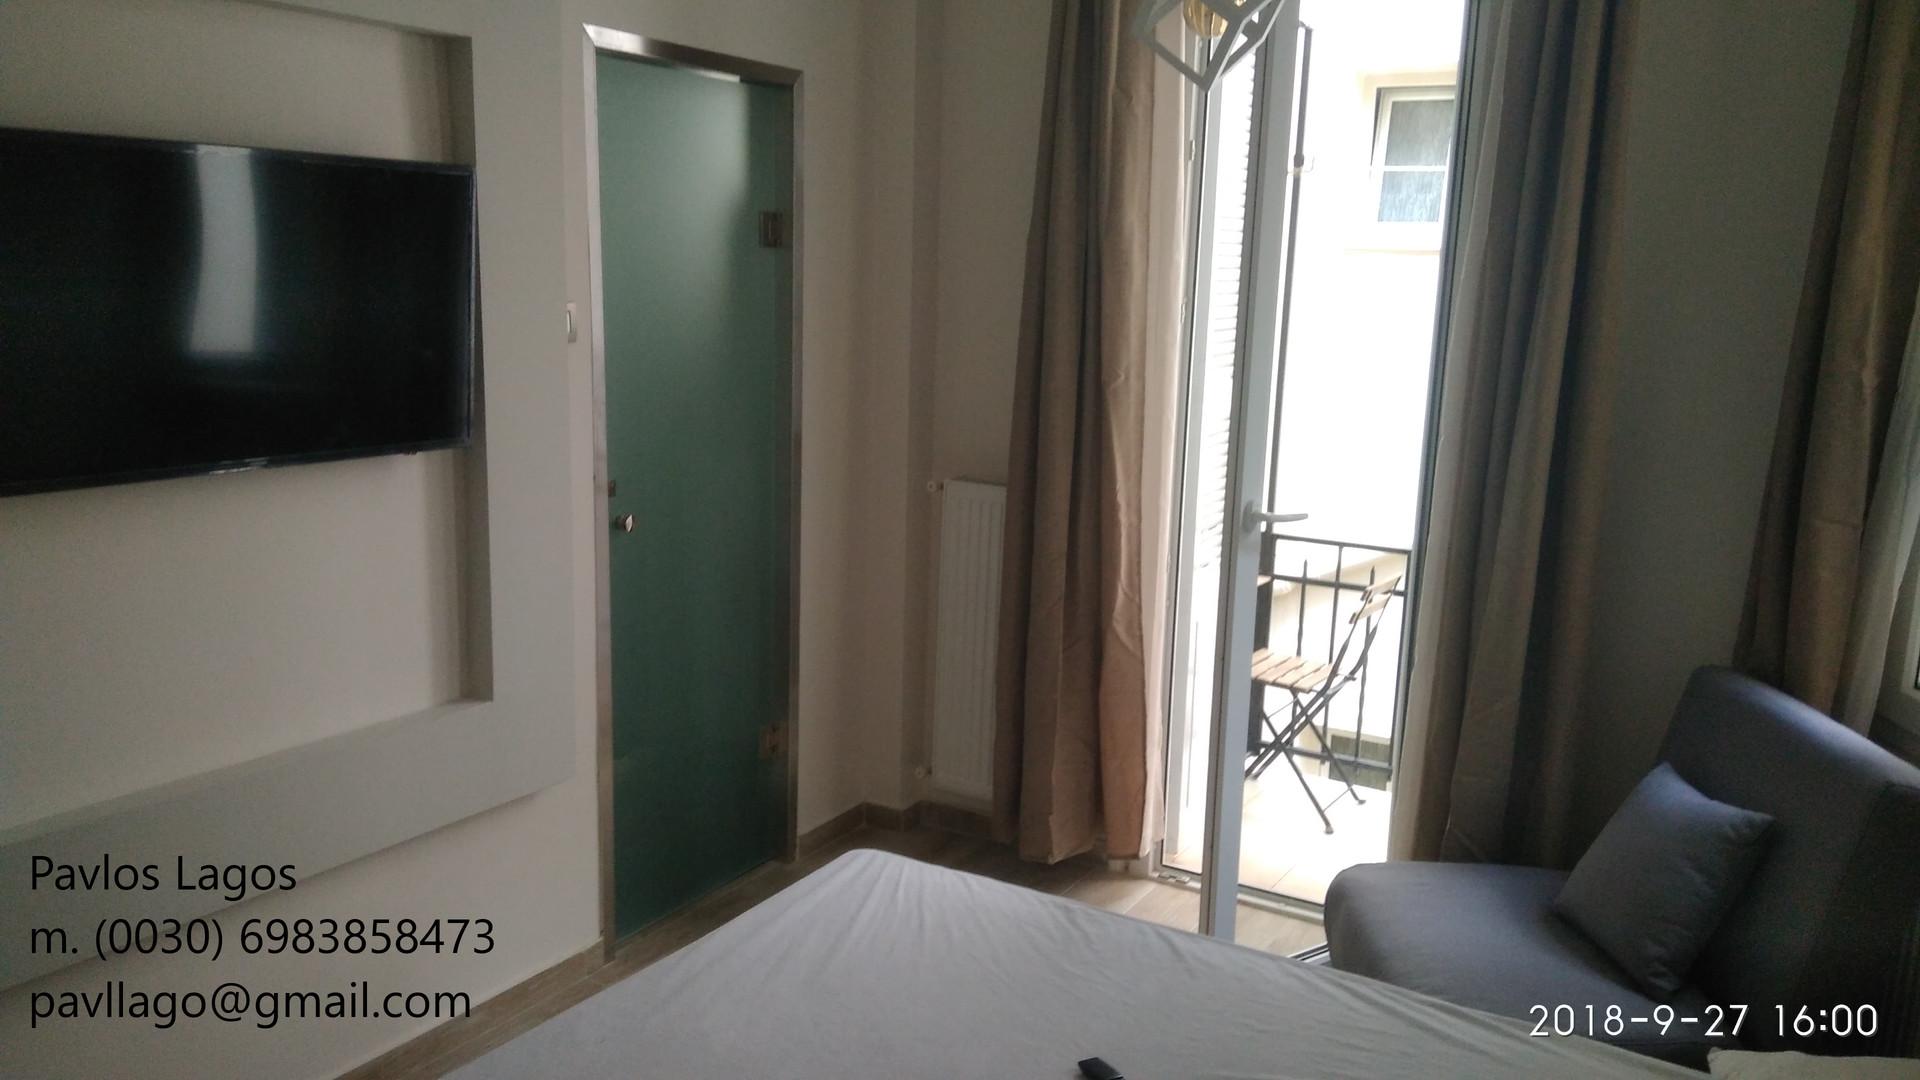 Central apartment in Egnatia 21